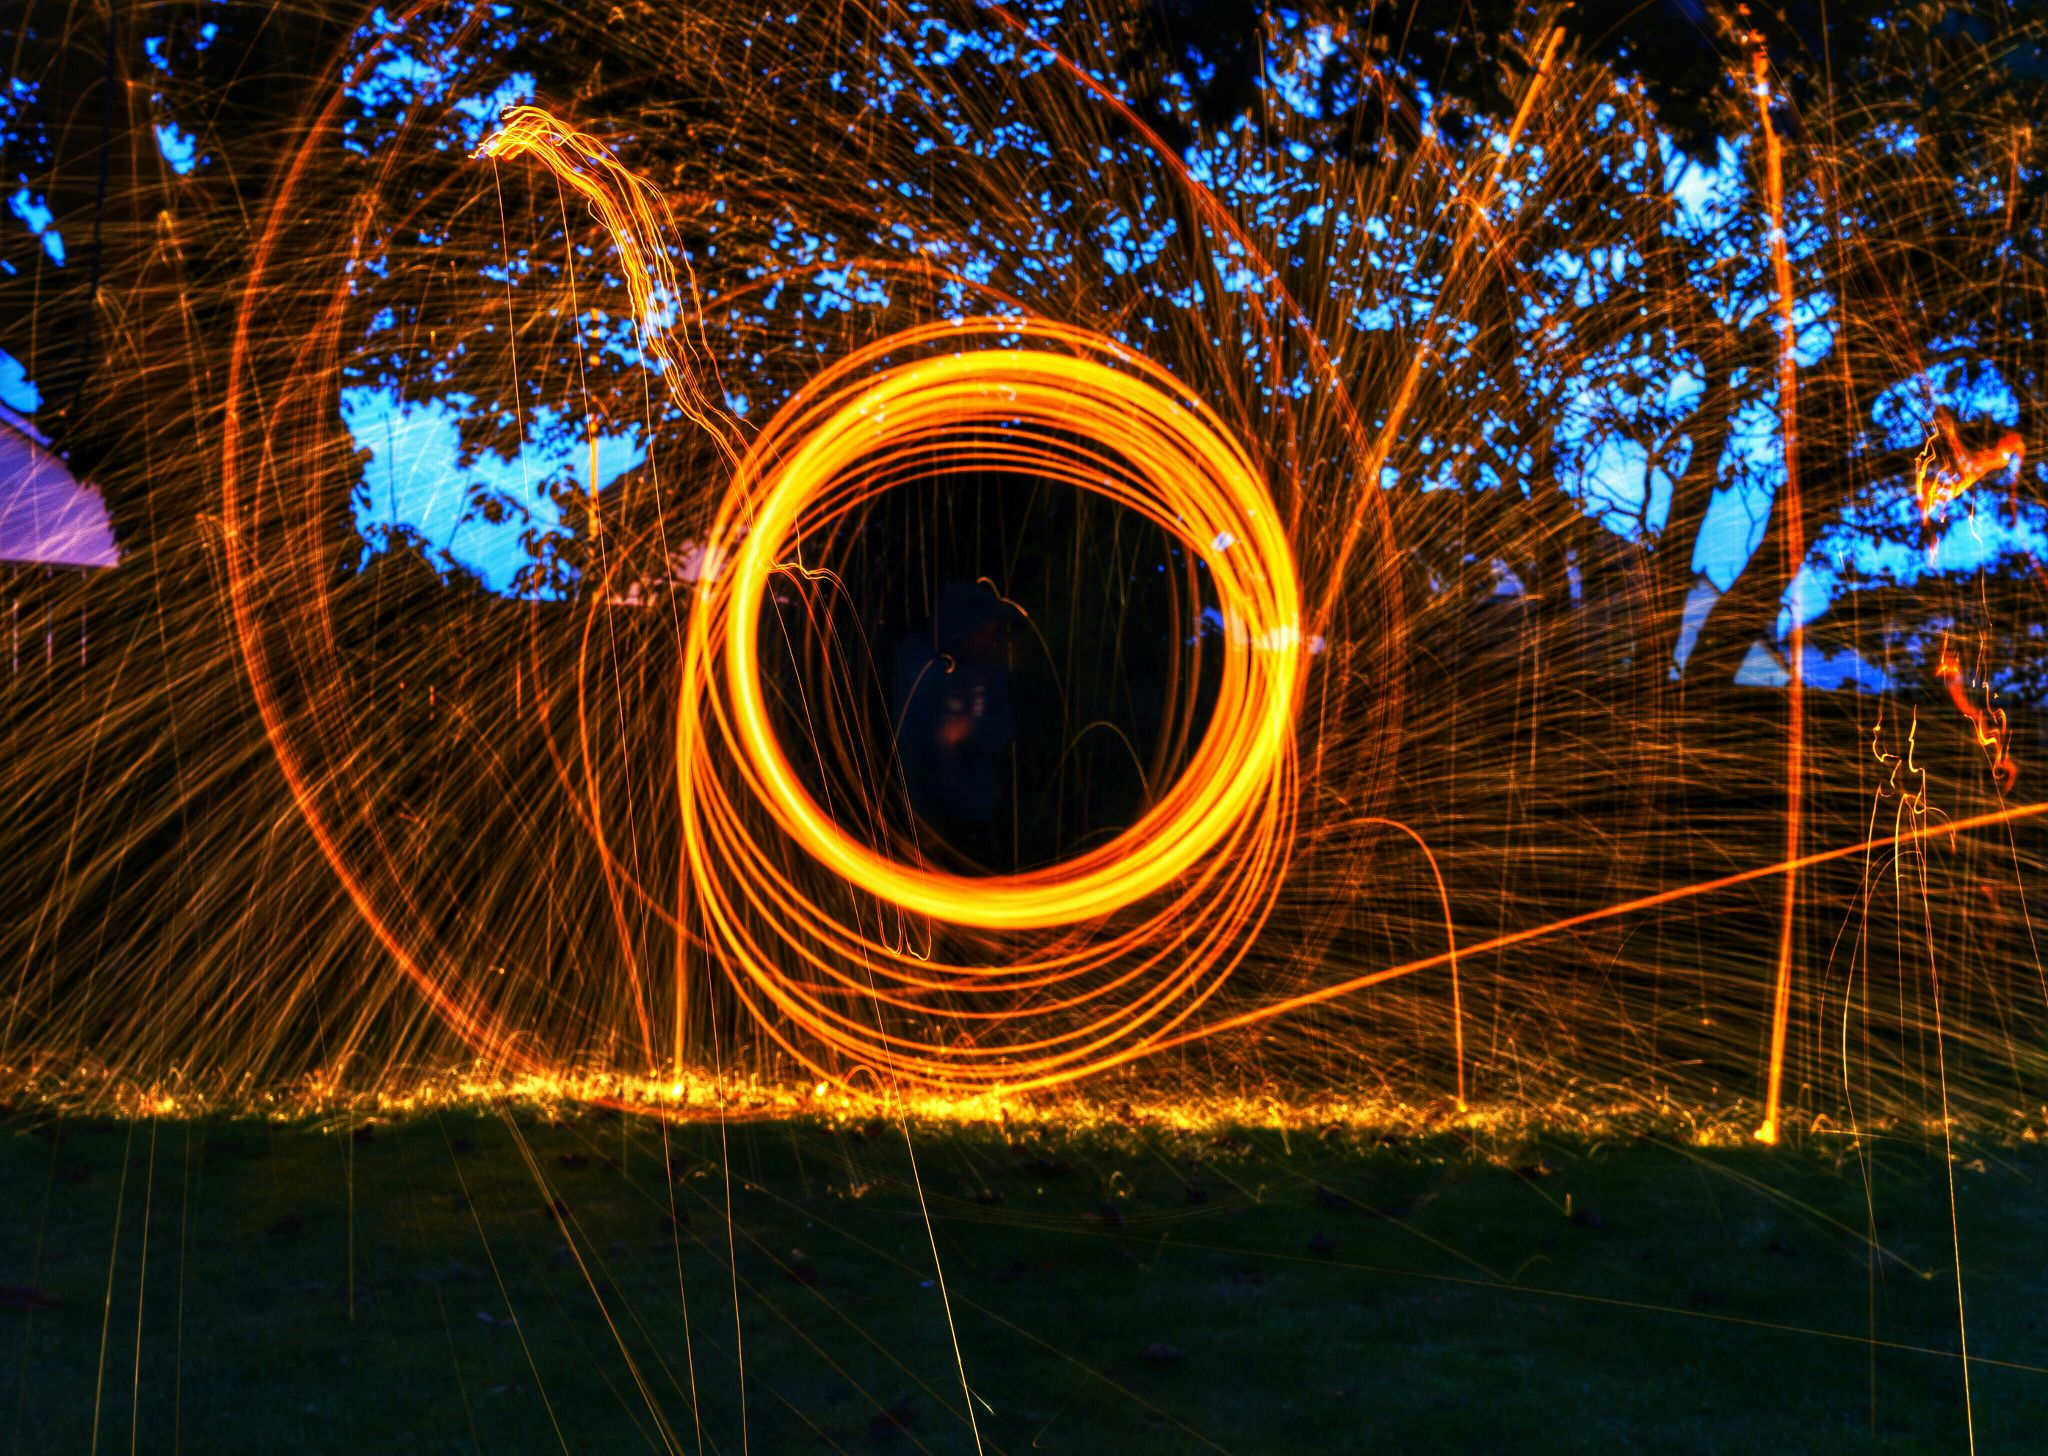 Hot circles by Patrick McMahon